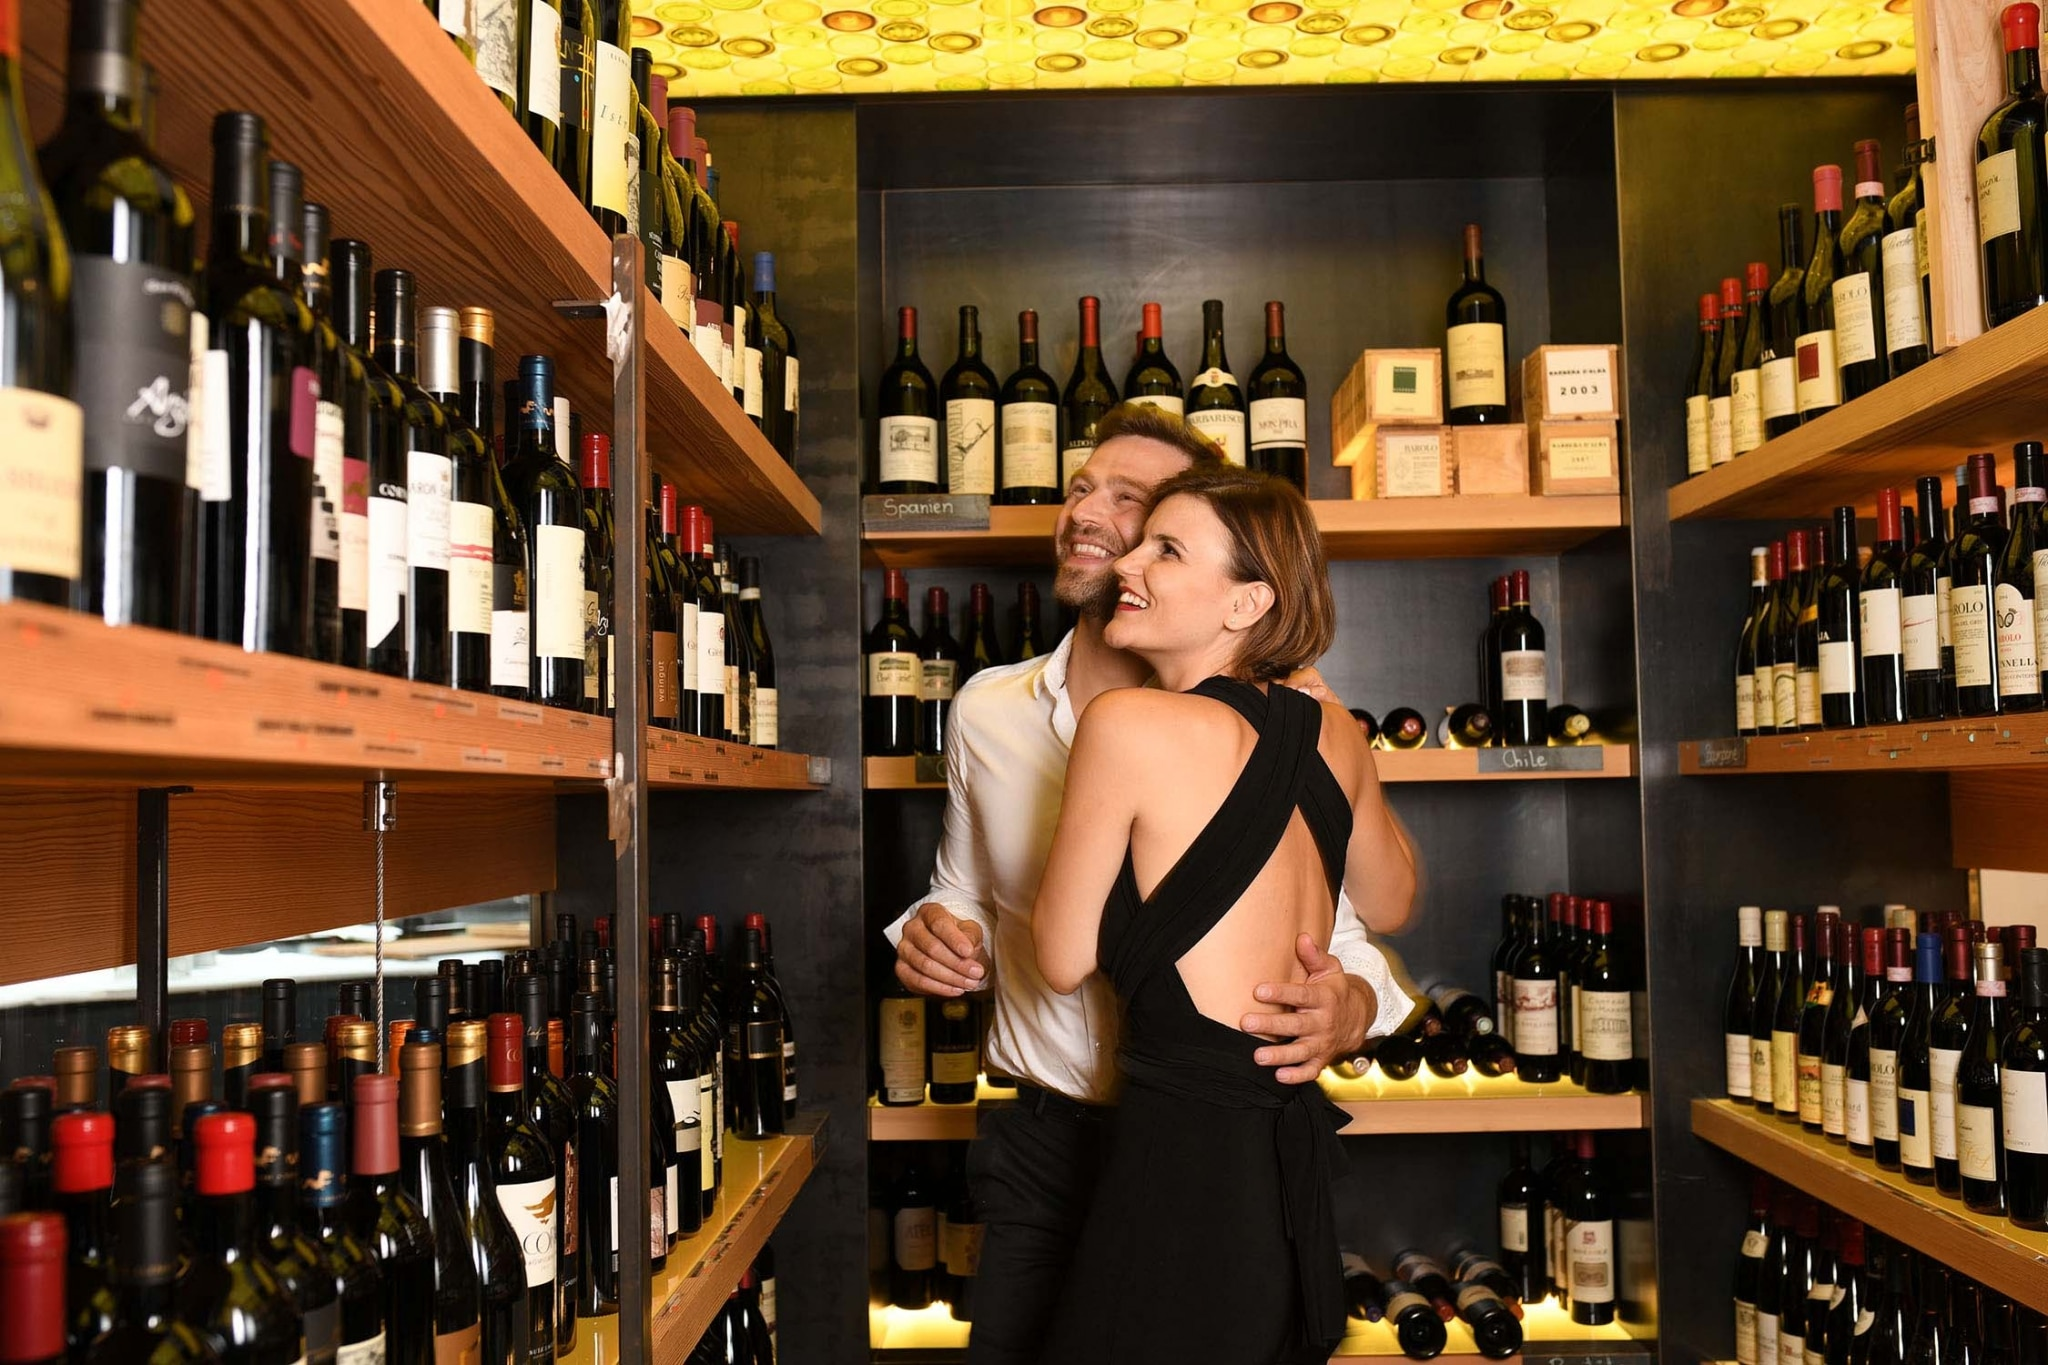 Stöbern im Weinkeller des Lindenhofs